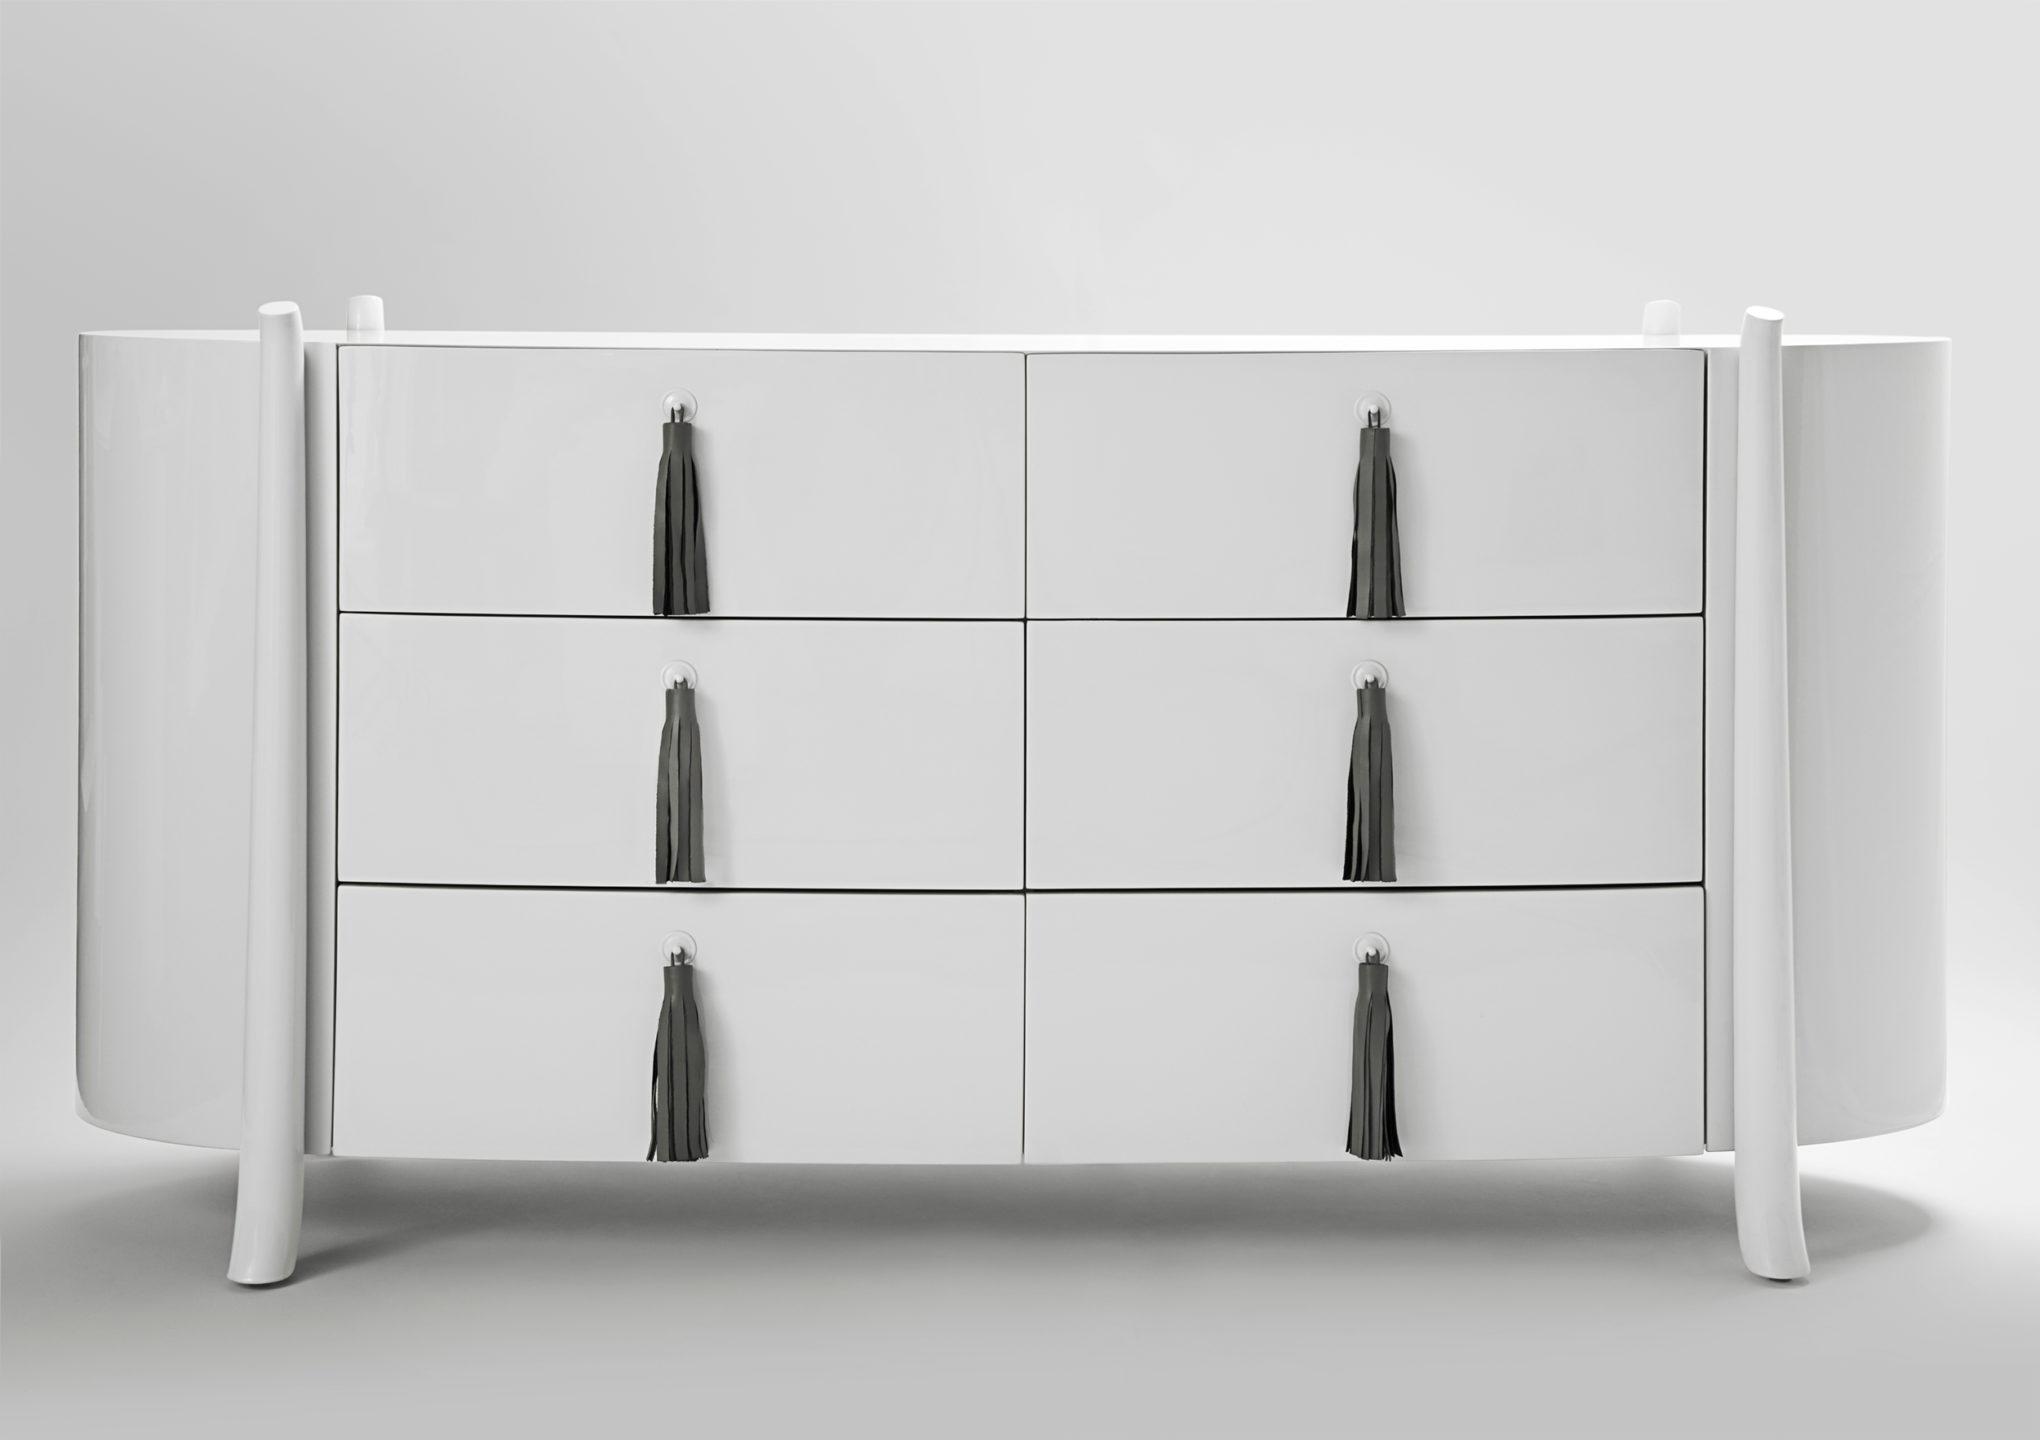 HAVEN-dresser-2-nicole-fuller-product-information